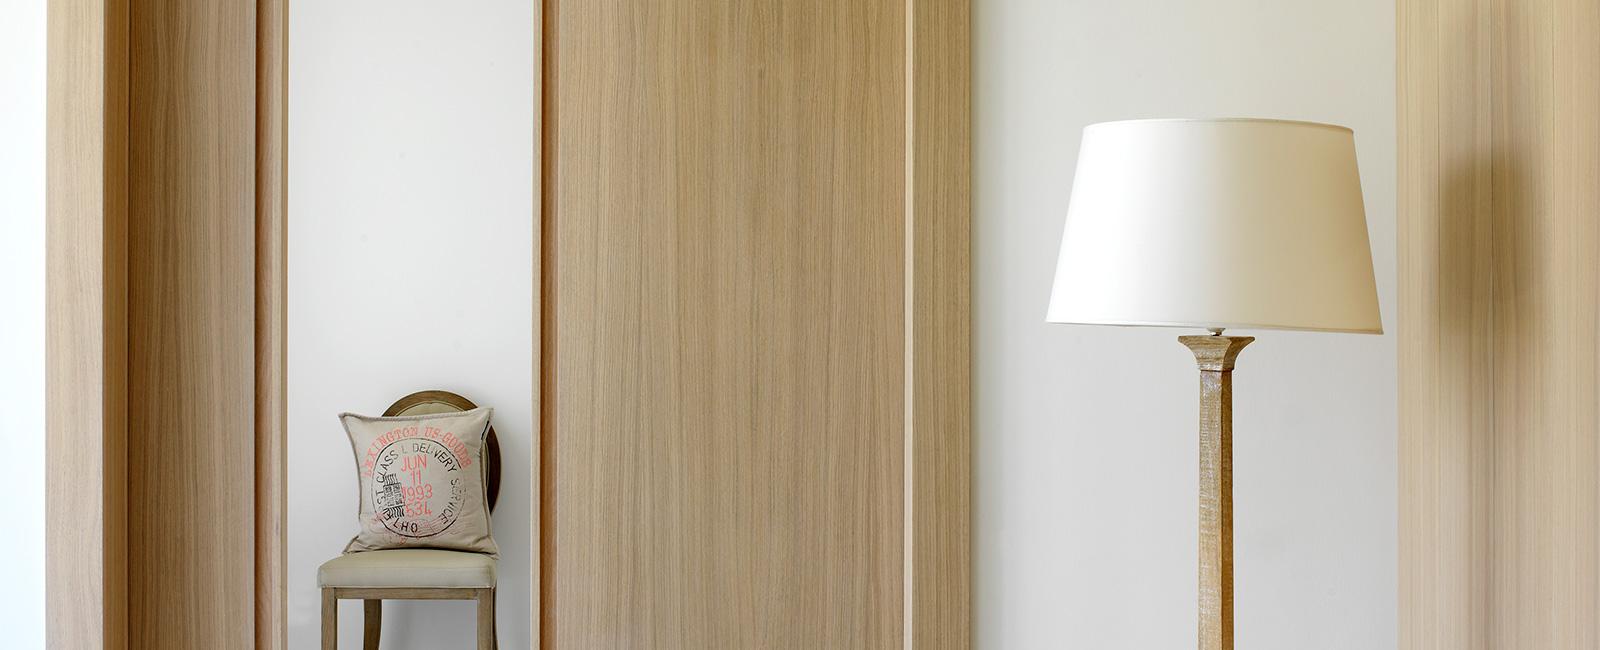 Porte interne su misura in legno massello falegnameria - Porte interne su misura milano ...